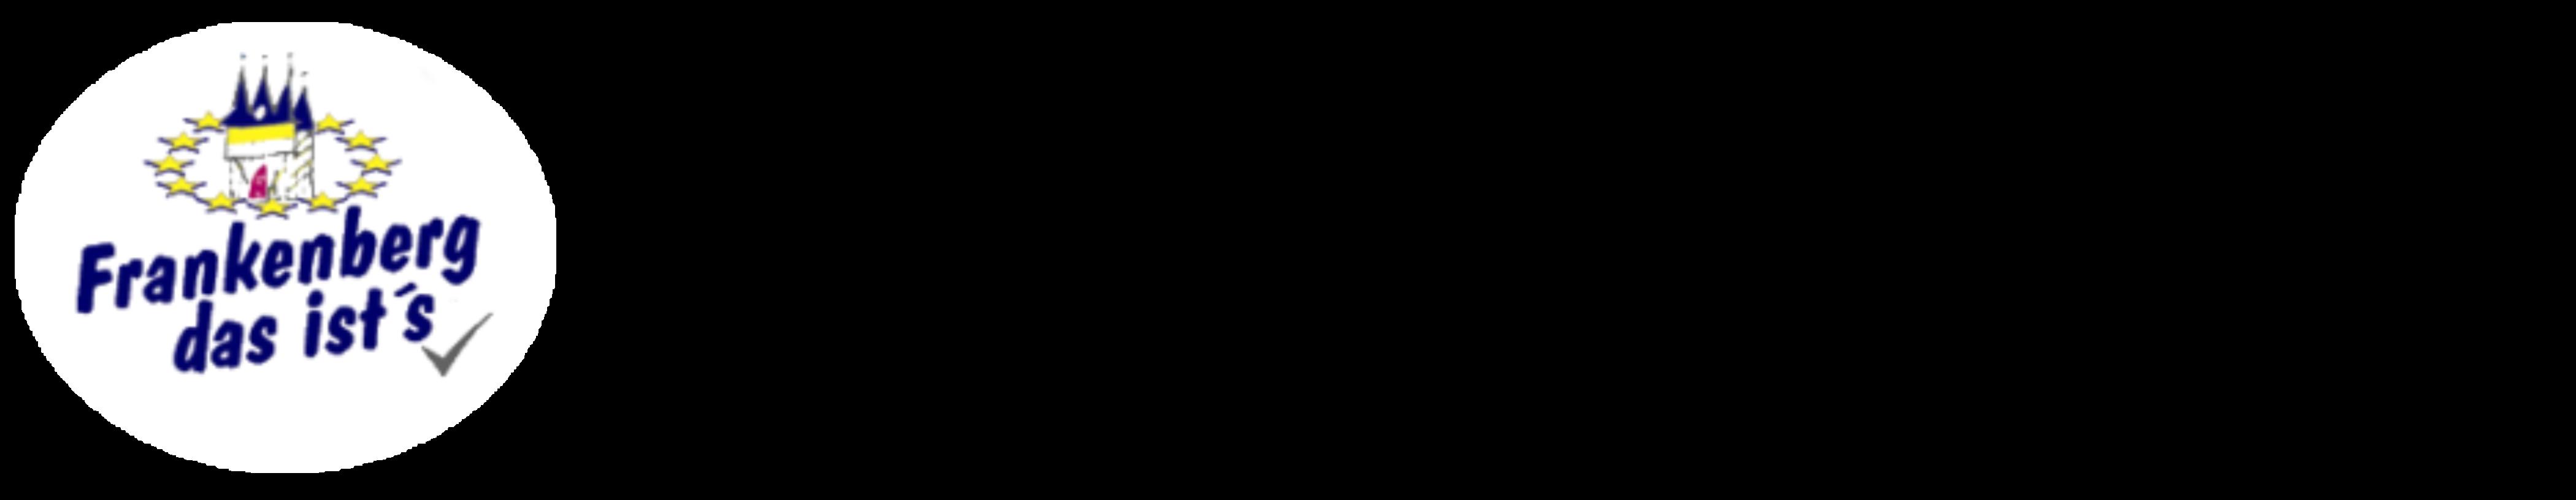 Kaufmännischer Verein Frankenberg e.V.